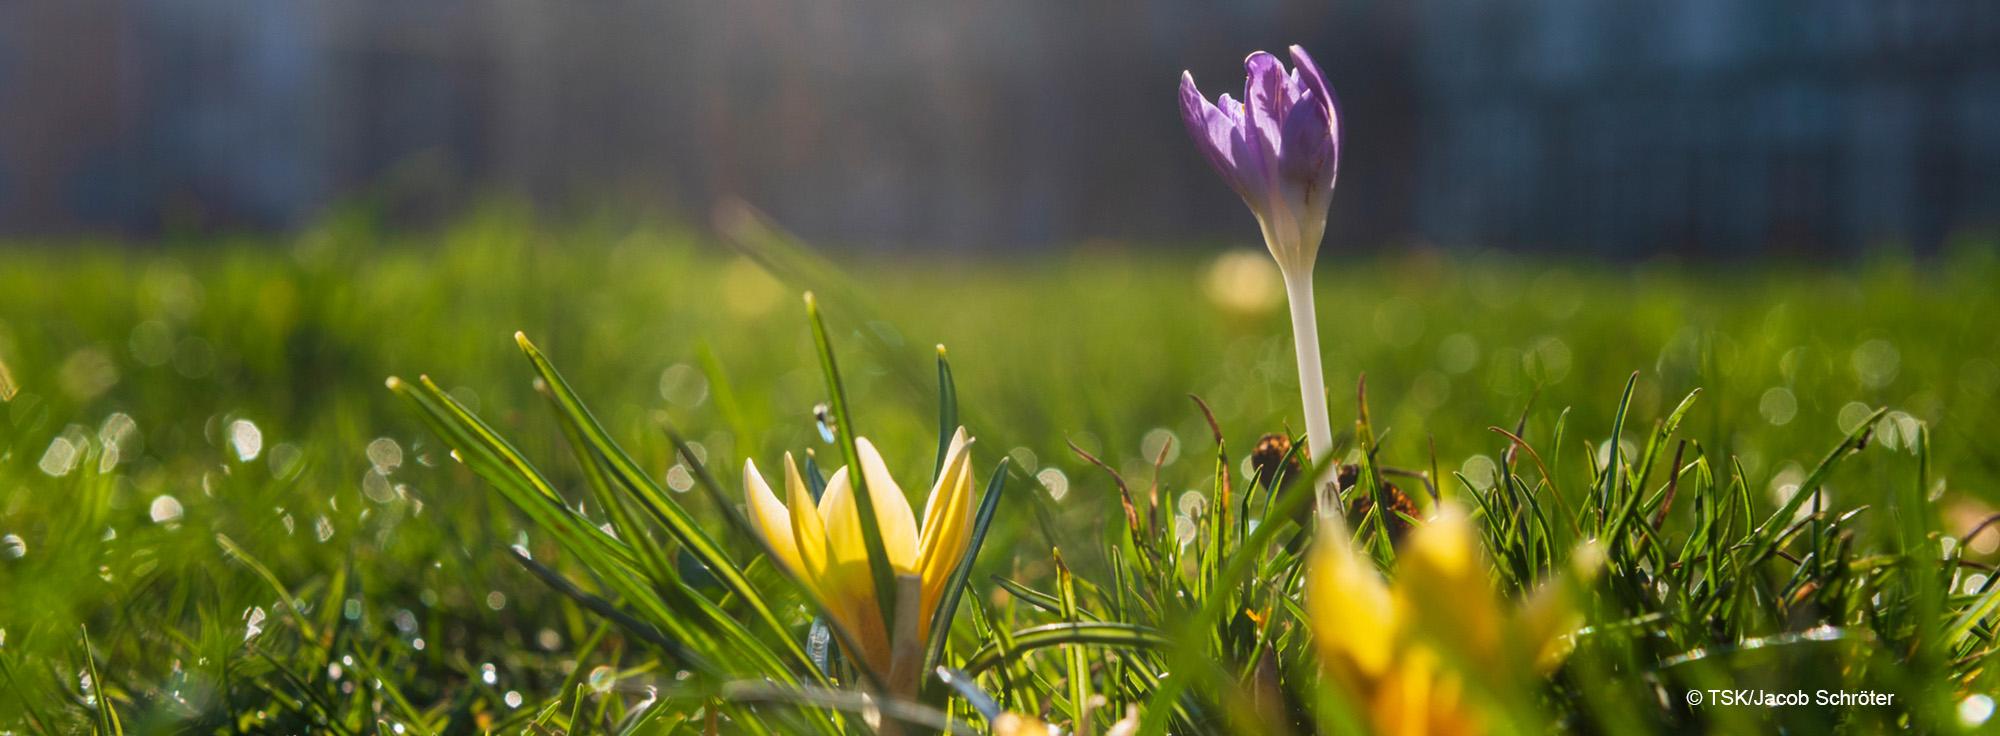 Blühende Krokusse im Frühjahr auf grüner Wiese